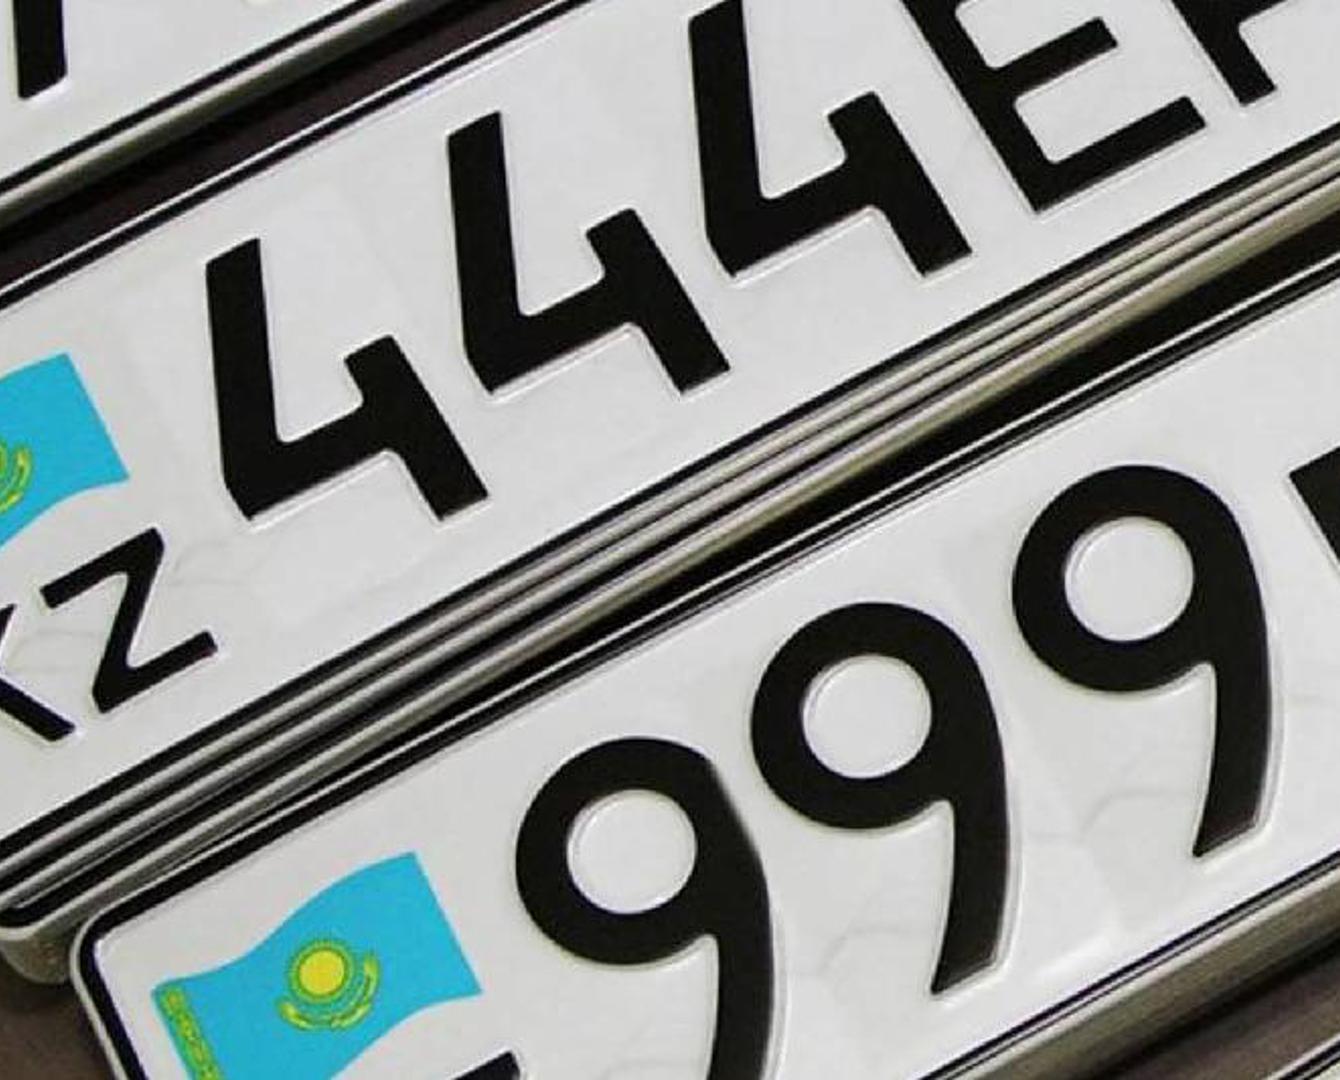 Алматылықтар VIP автокөлік нөмірлерін алуға 1,2 млрд теңге жұмсаған